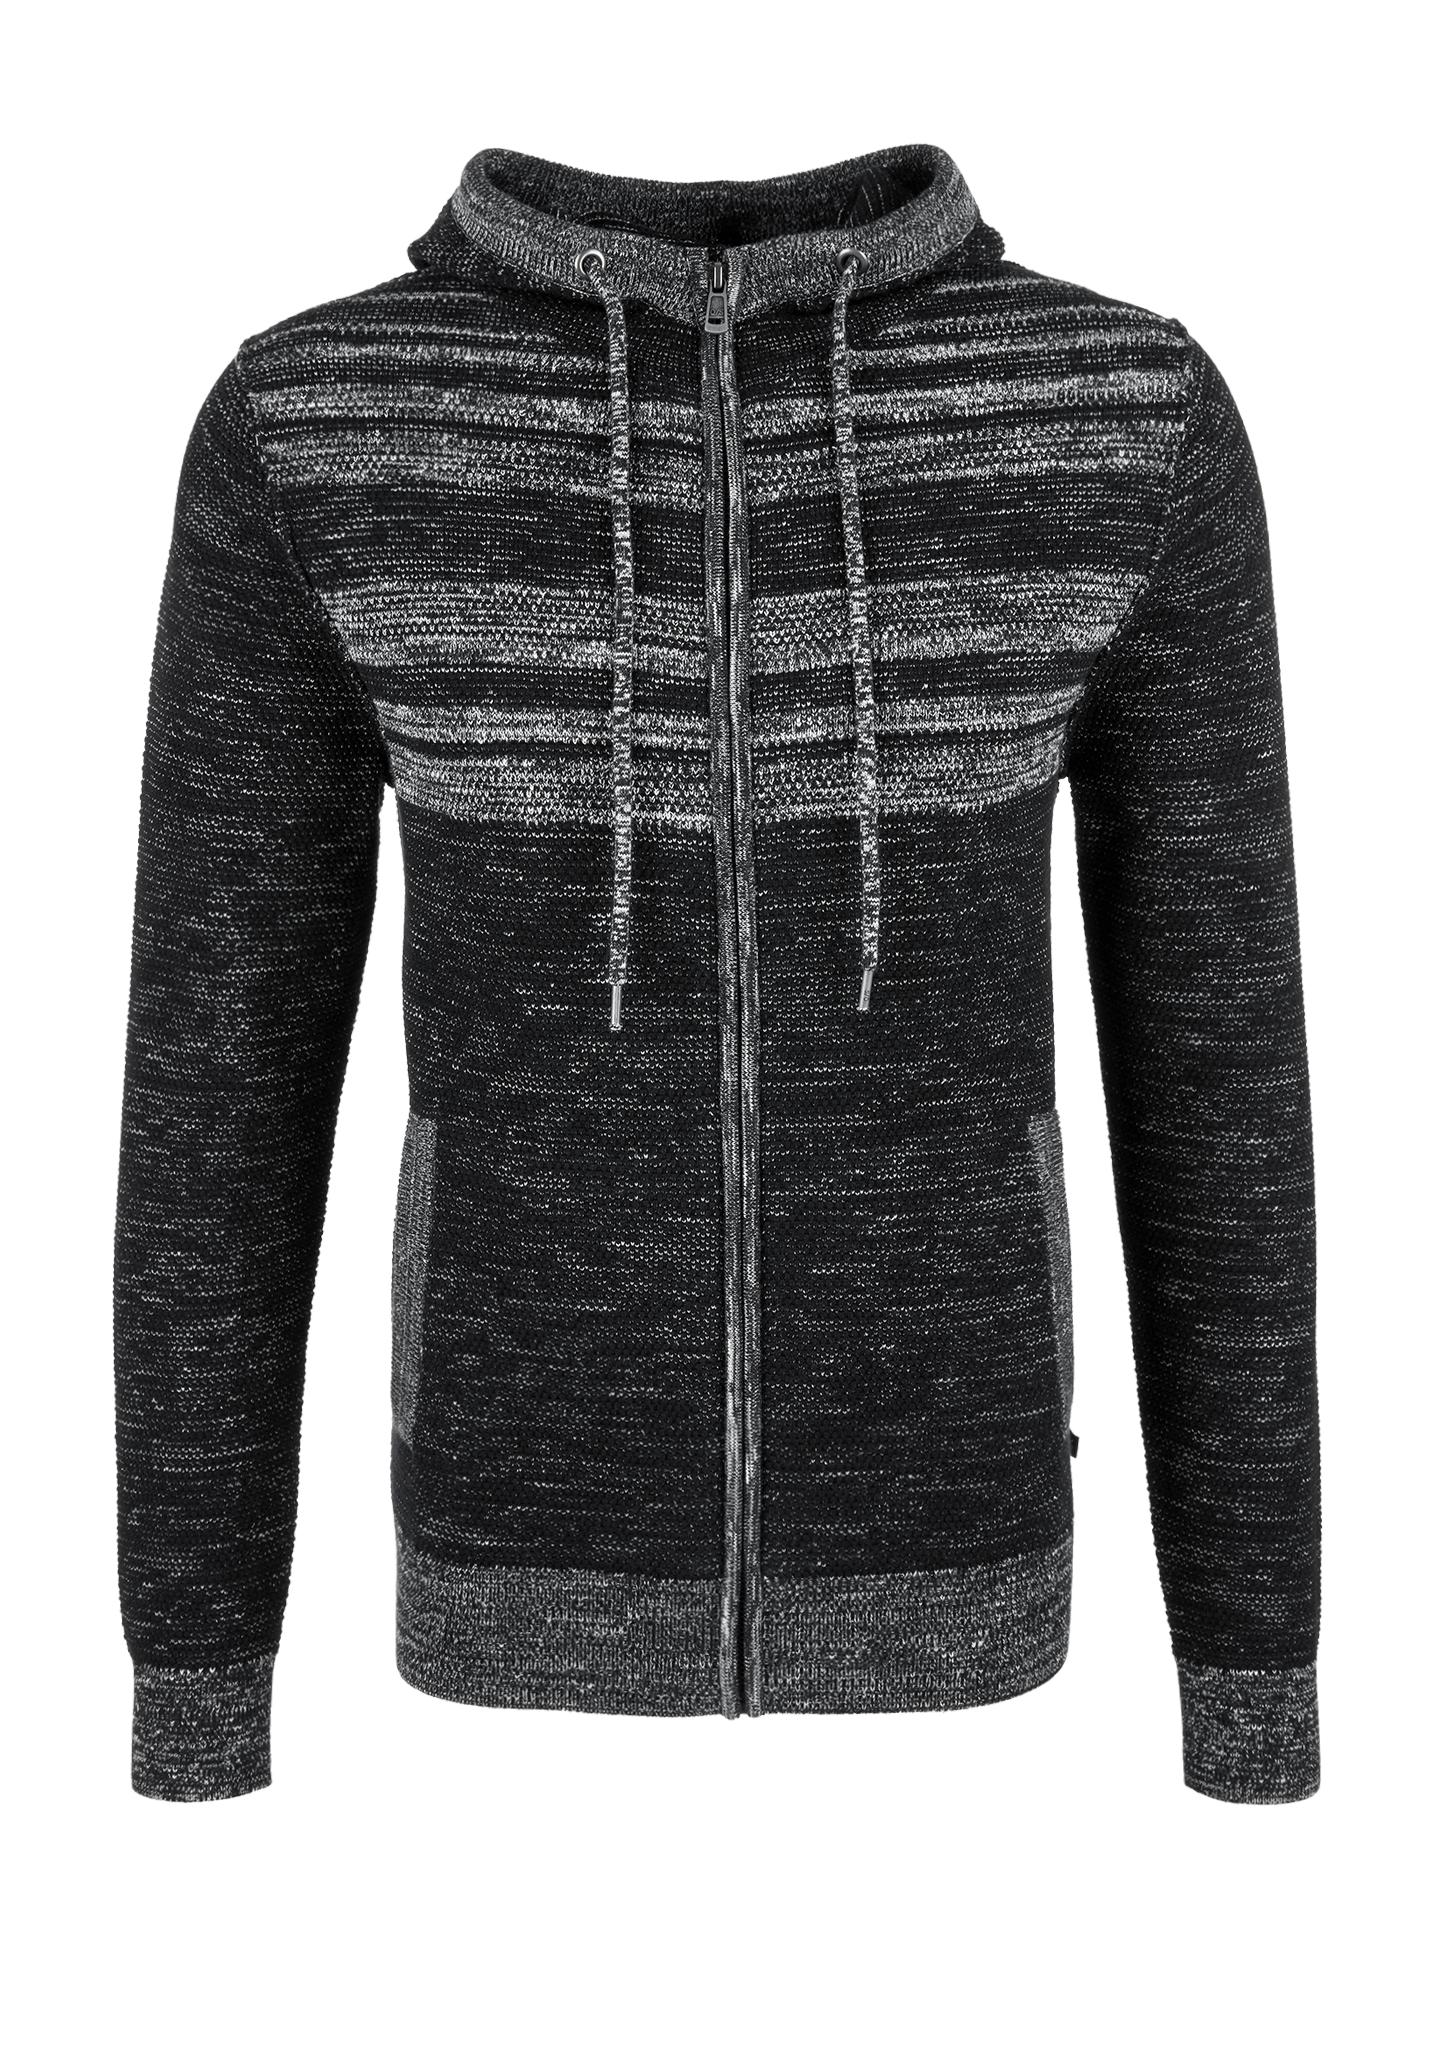 Strickjacke | Bekleidung > Strickjacken & Cardigans > Strickjacken | Grau/schwarz | 94% baumwolle -  6% polyamid | Q/S designed by